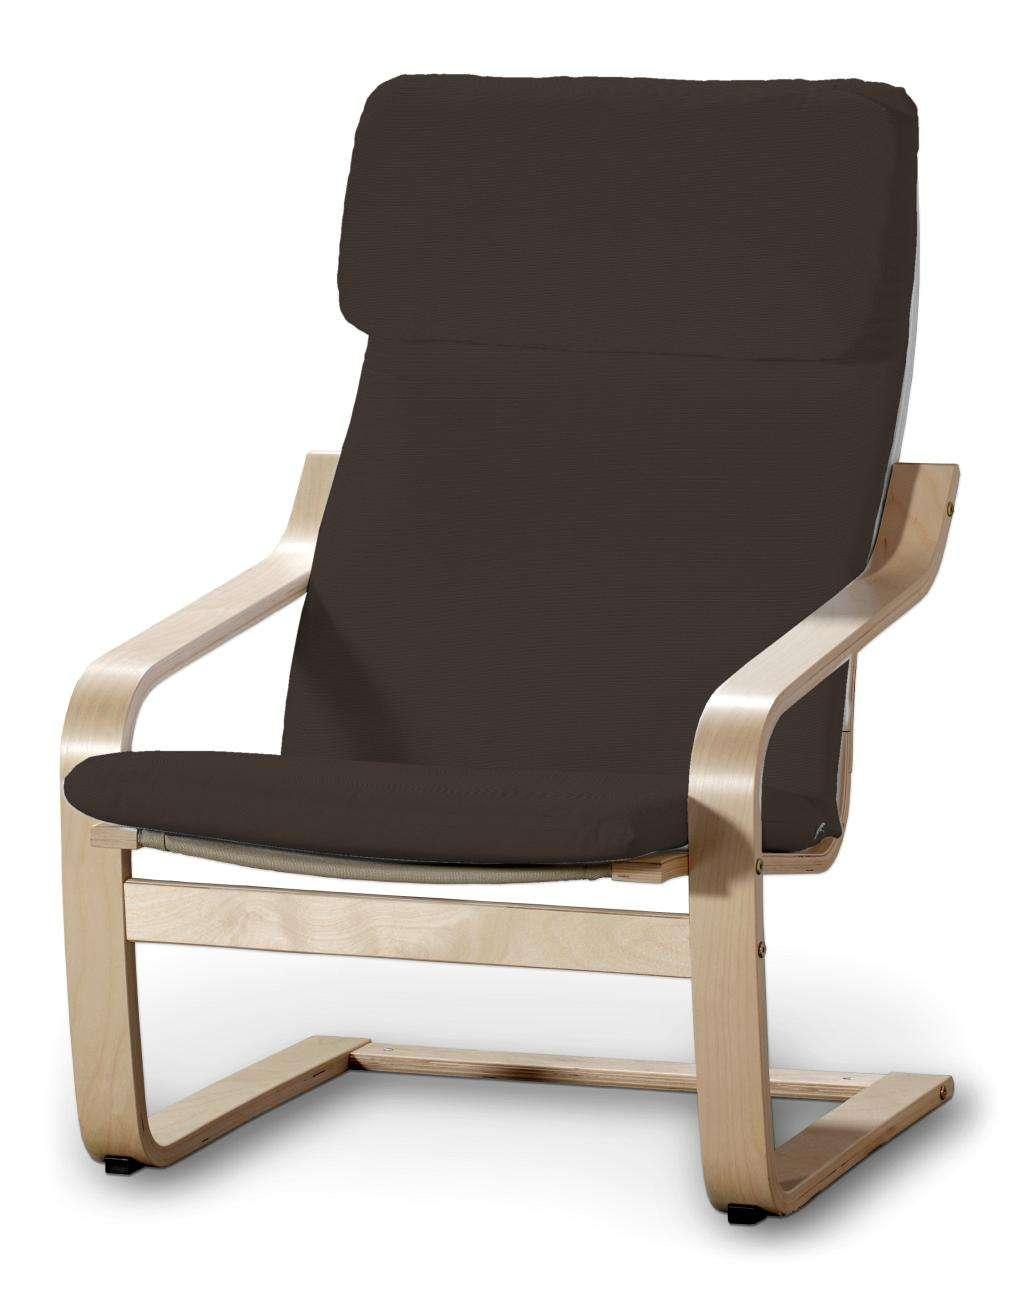 Poäng Sesselbezug I Sessel Poäng von der Kollektion Cotton Panama, Stoff: 702-03